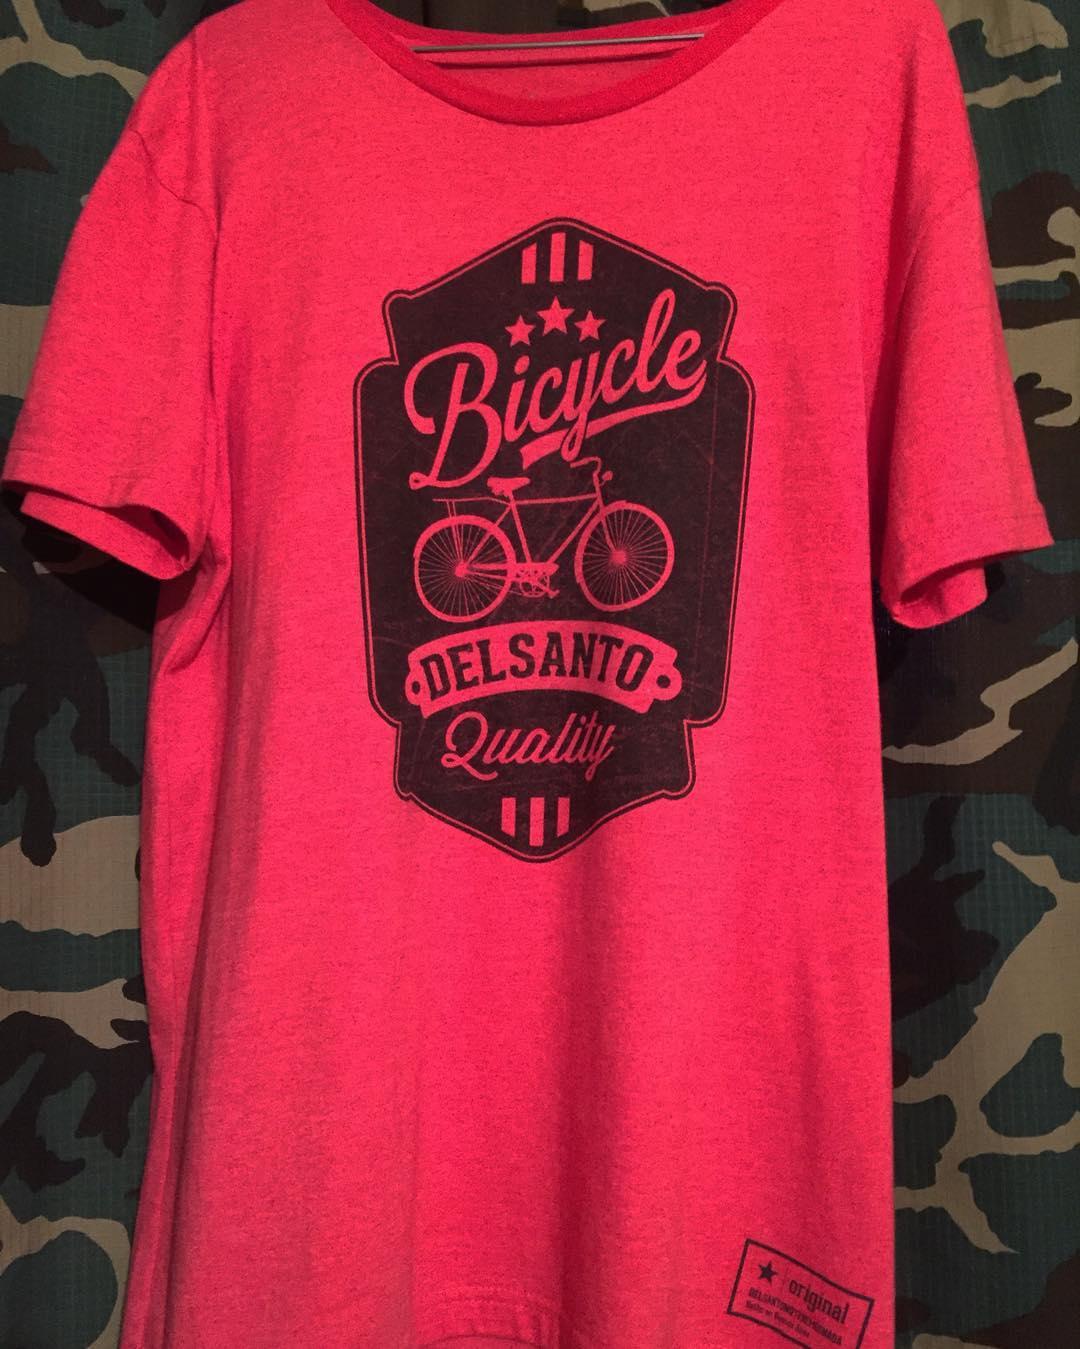 Este diseño nos pone locos @delsanto_  @delsantobmx @delsantofamily  #bmx #brand #santo #crazy #bike